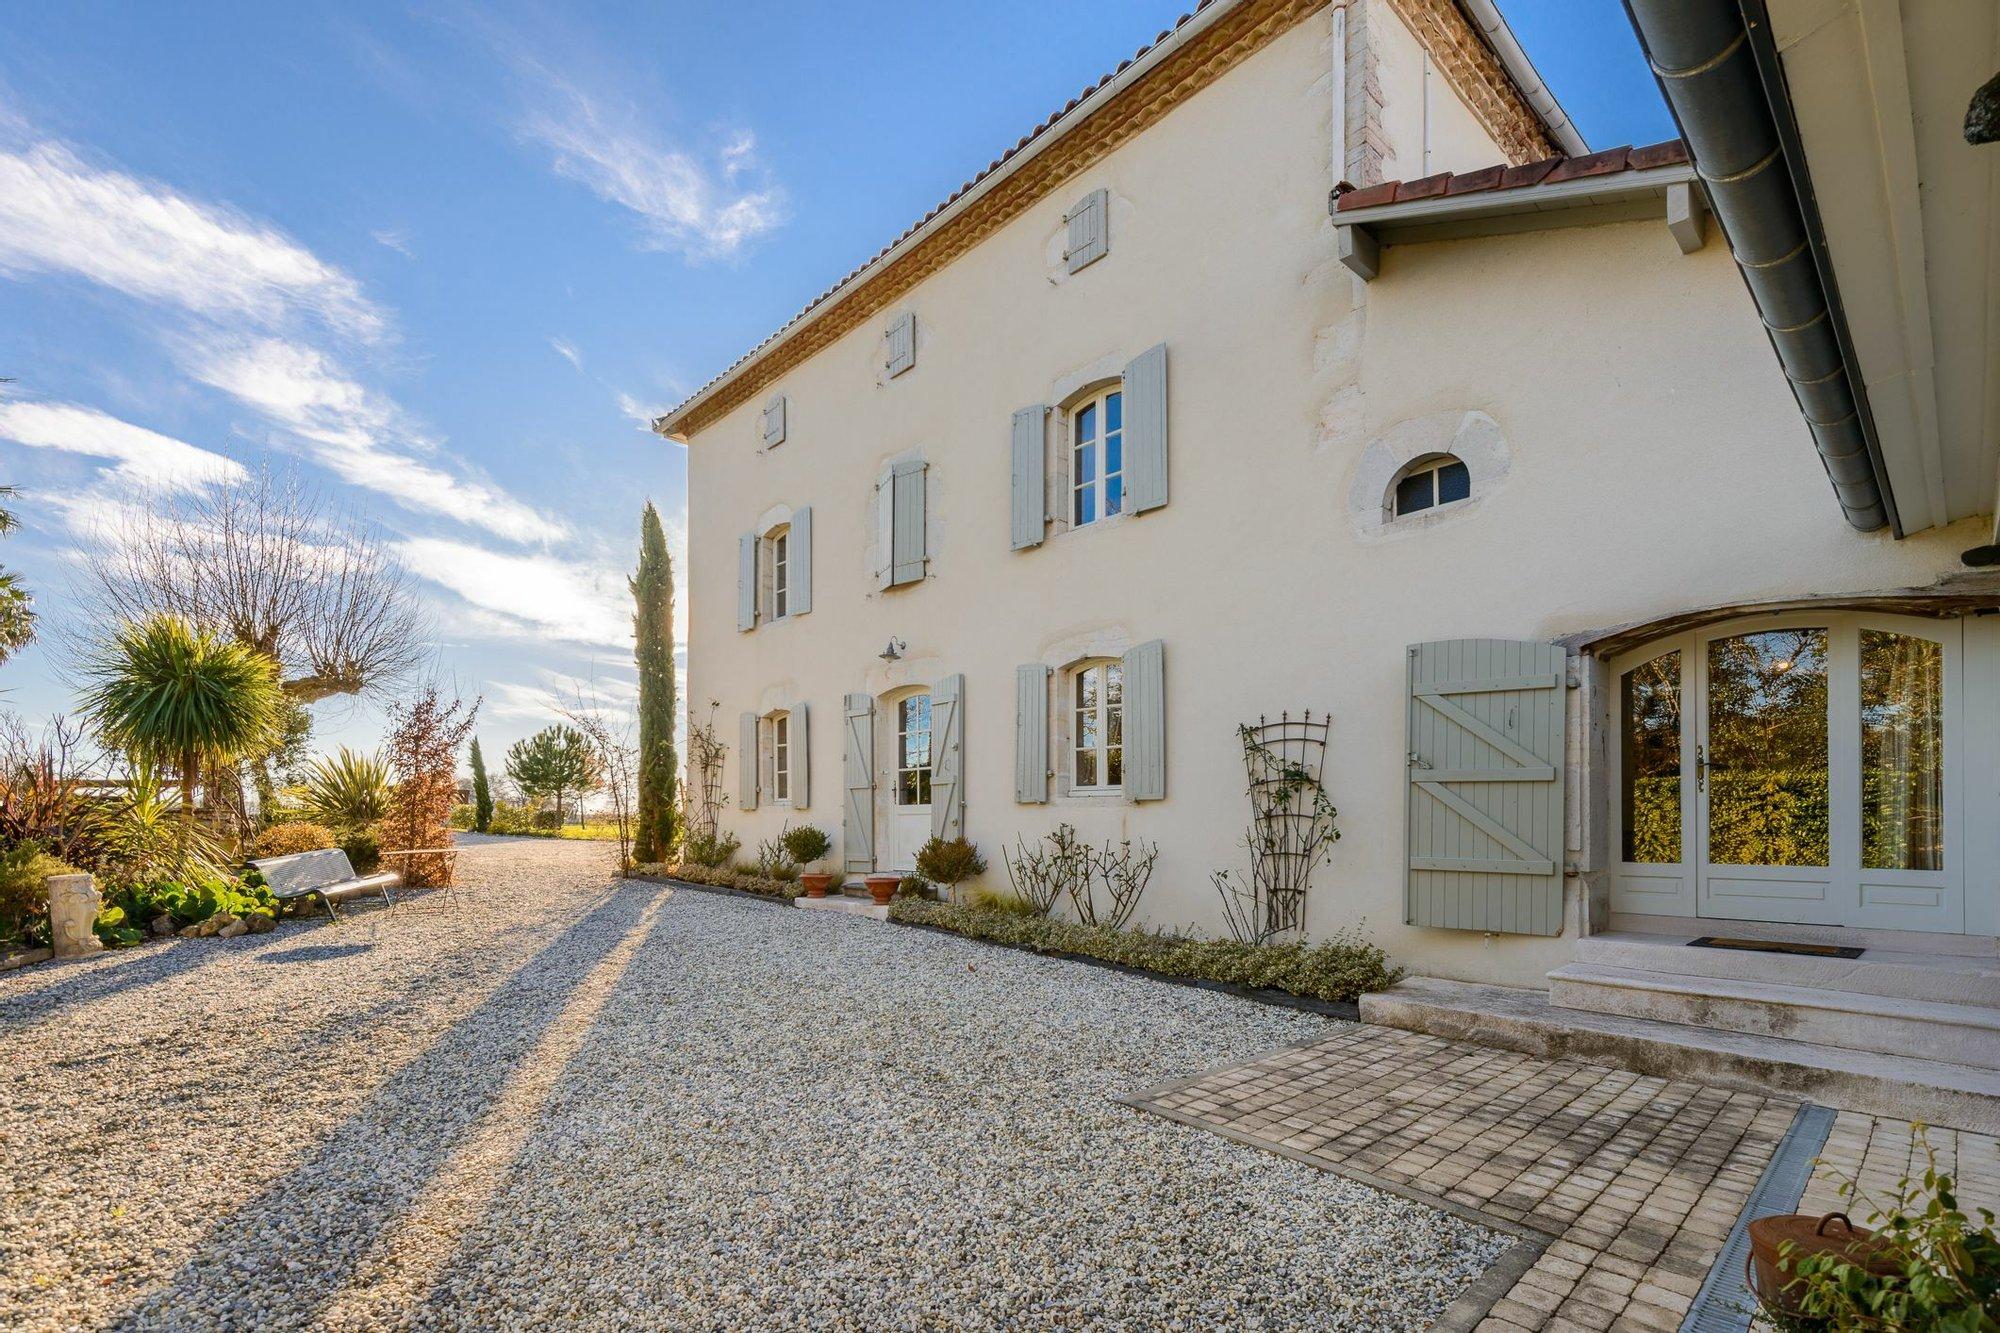 House in Saint-Lon-les-Mines, Nouvelle-Aquitaine, France 1